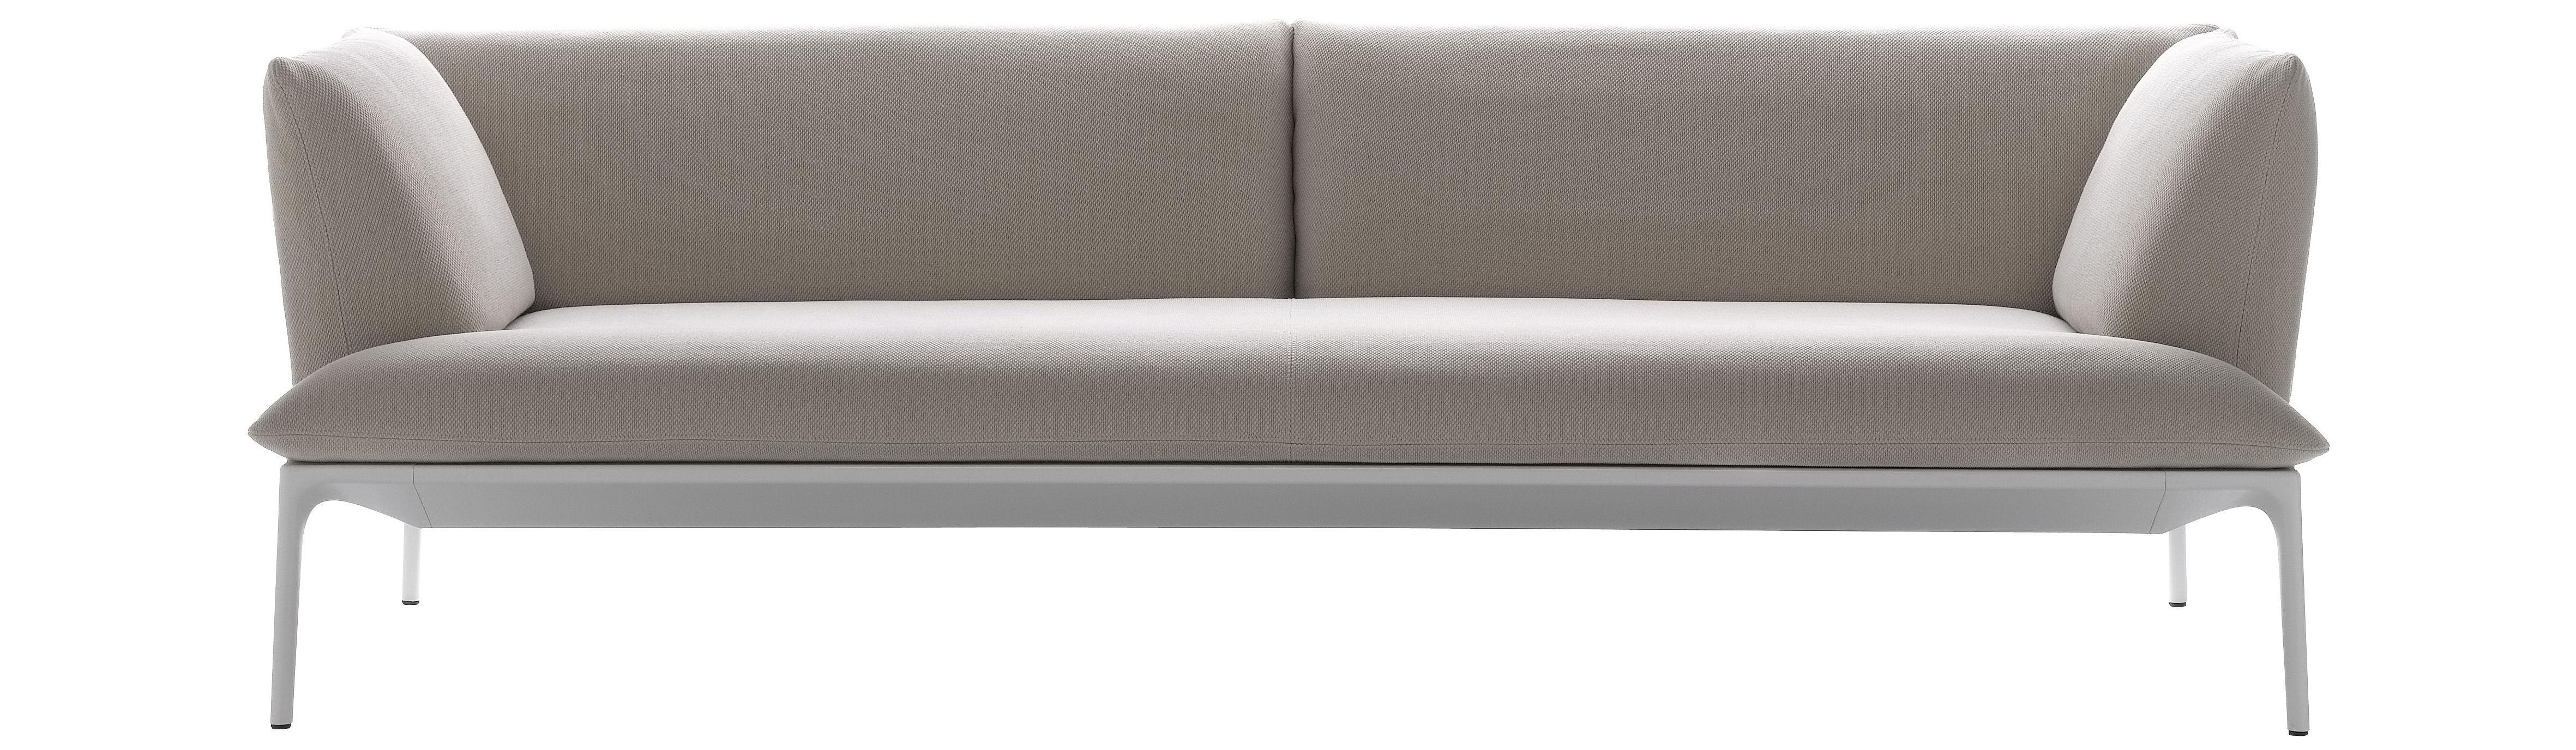 canap droit yale 2 places l 160 cm beige structure. Black Bedroom Furniture Sets. Home Design Ideas